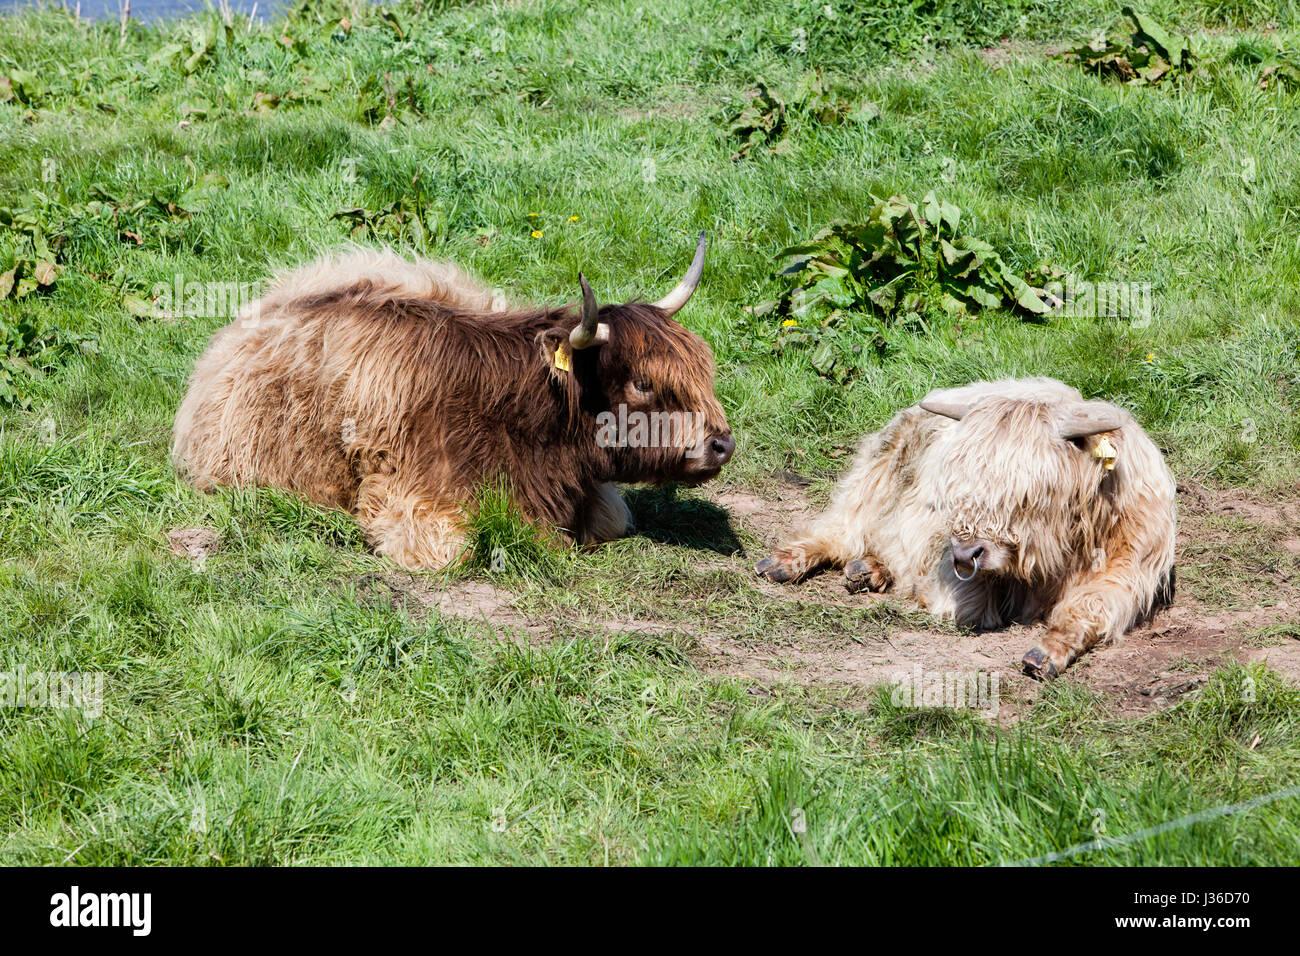 Highland cattle, river Weser, Weser Uplands, Weserbergland, Hesse, Germany - Stock Image